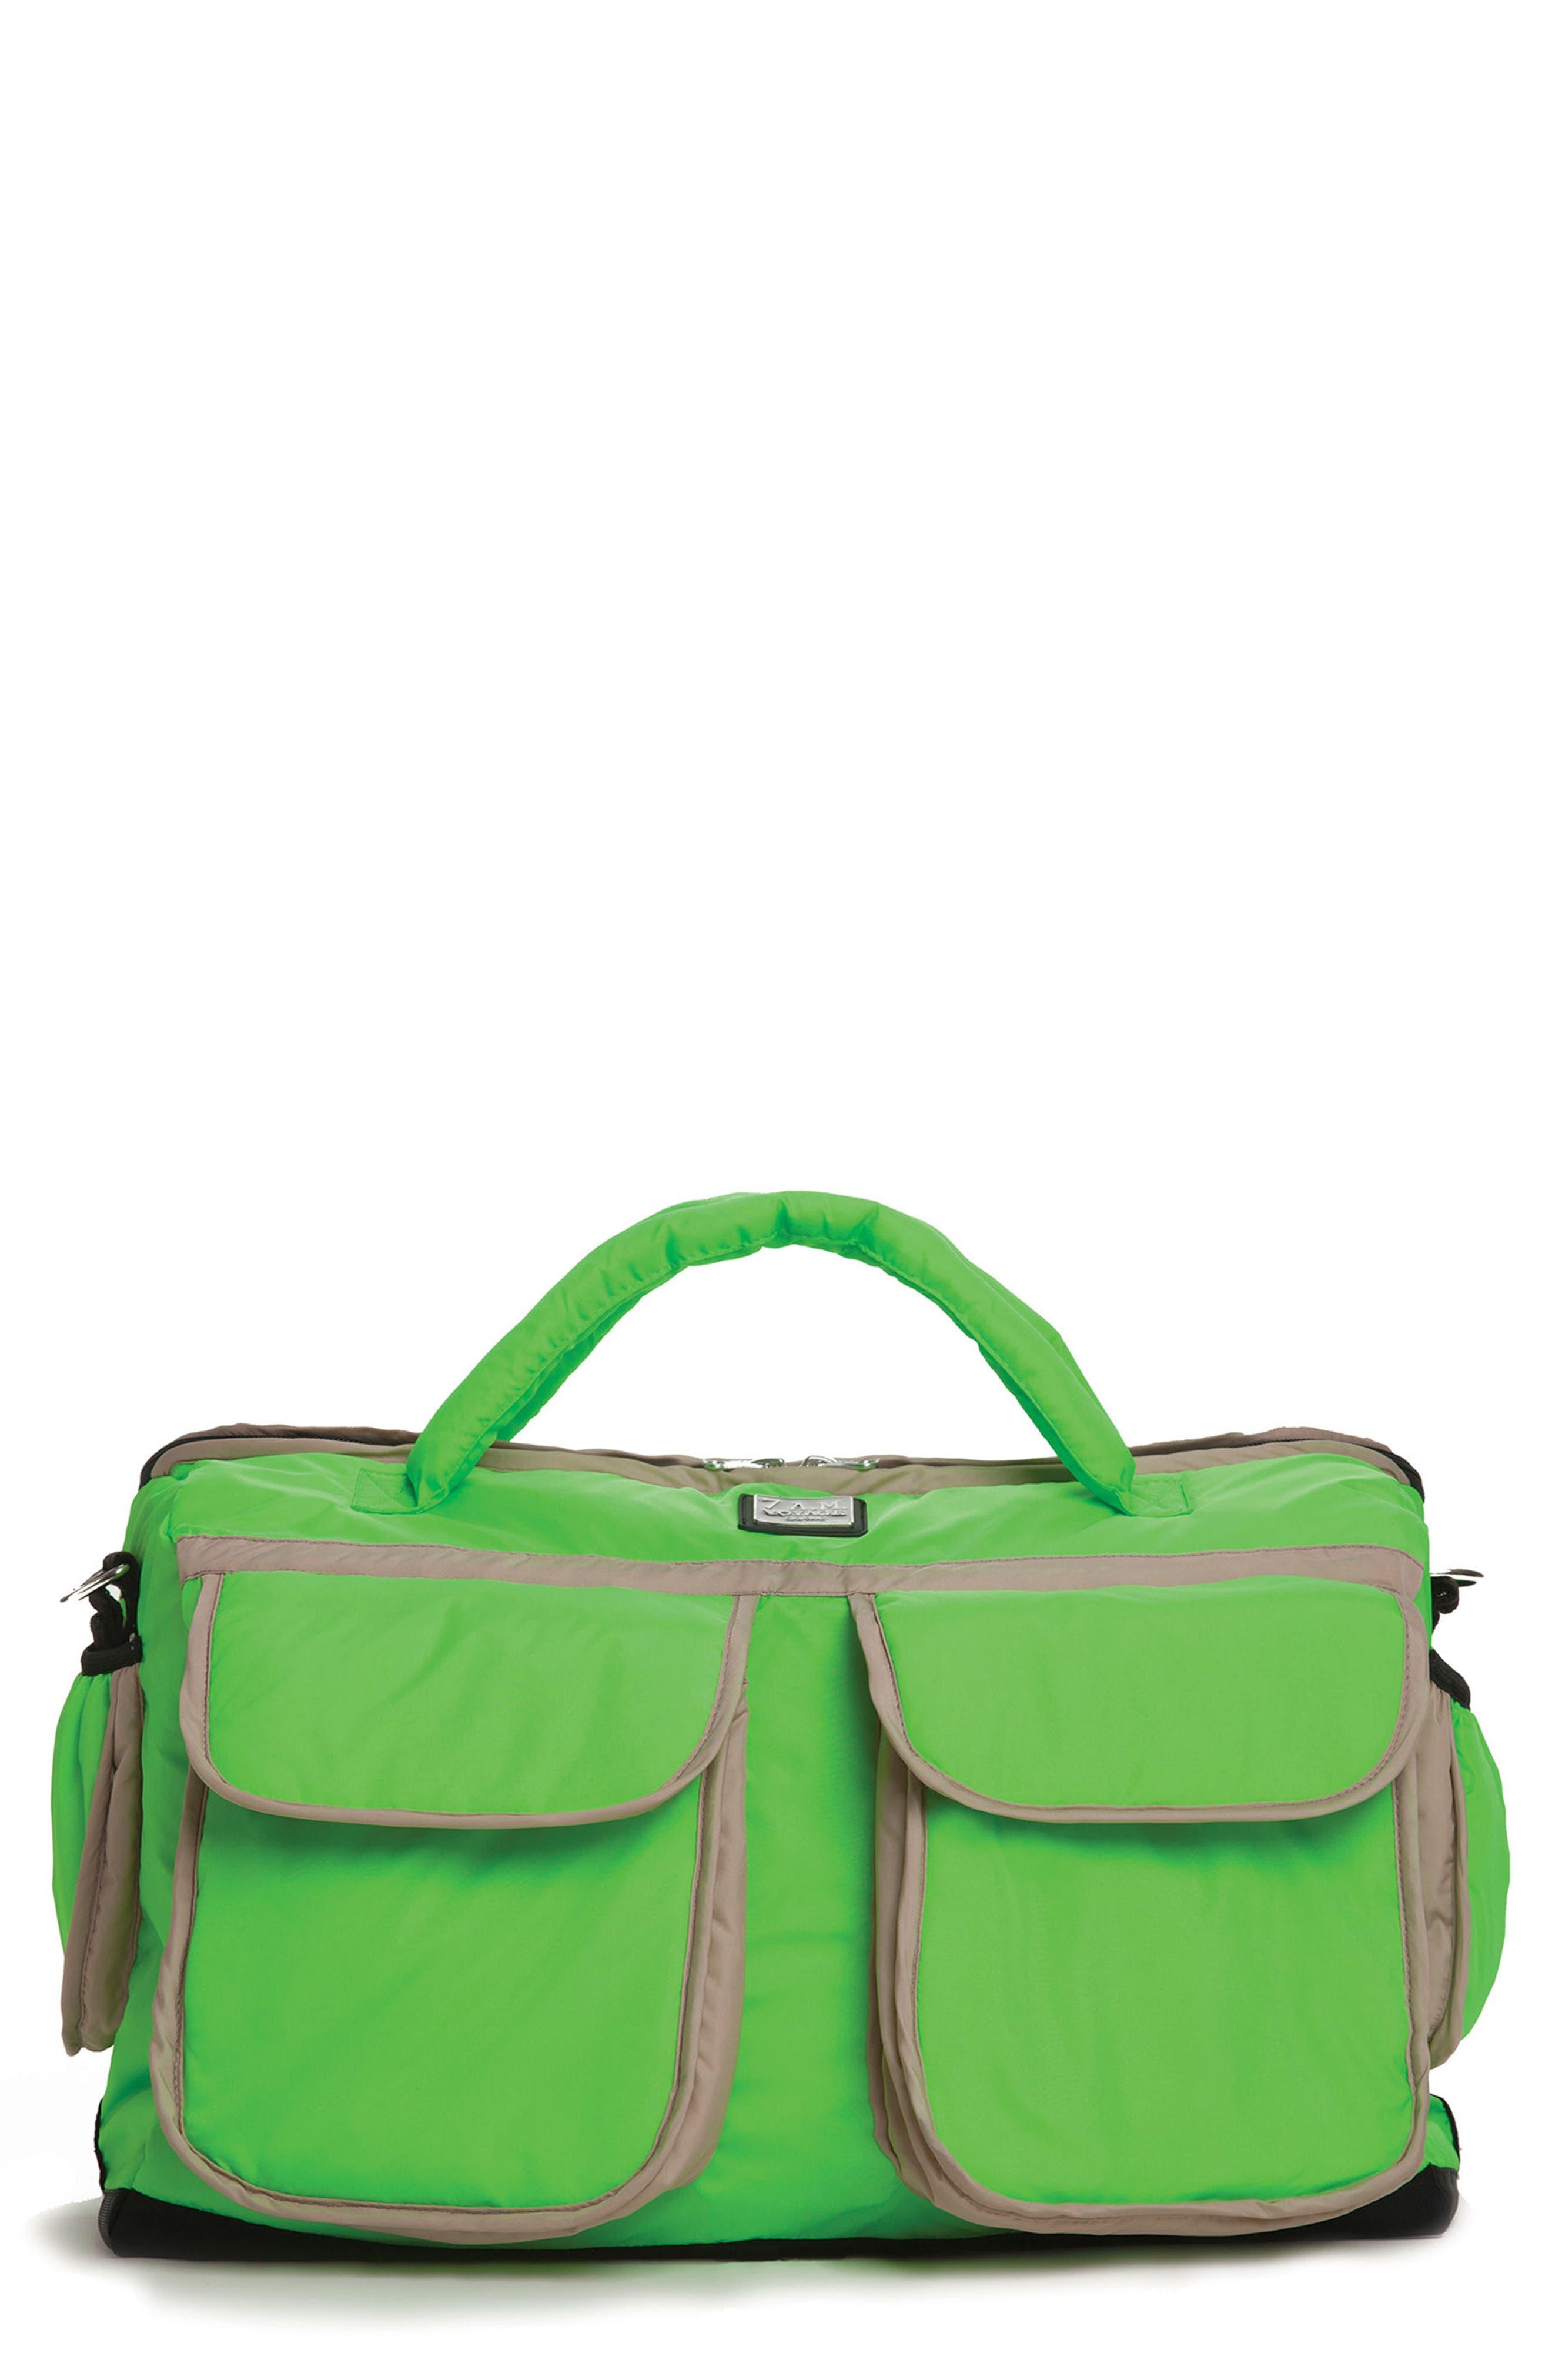 7 A.M. Enfant Voyage Diaper Bag